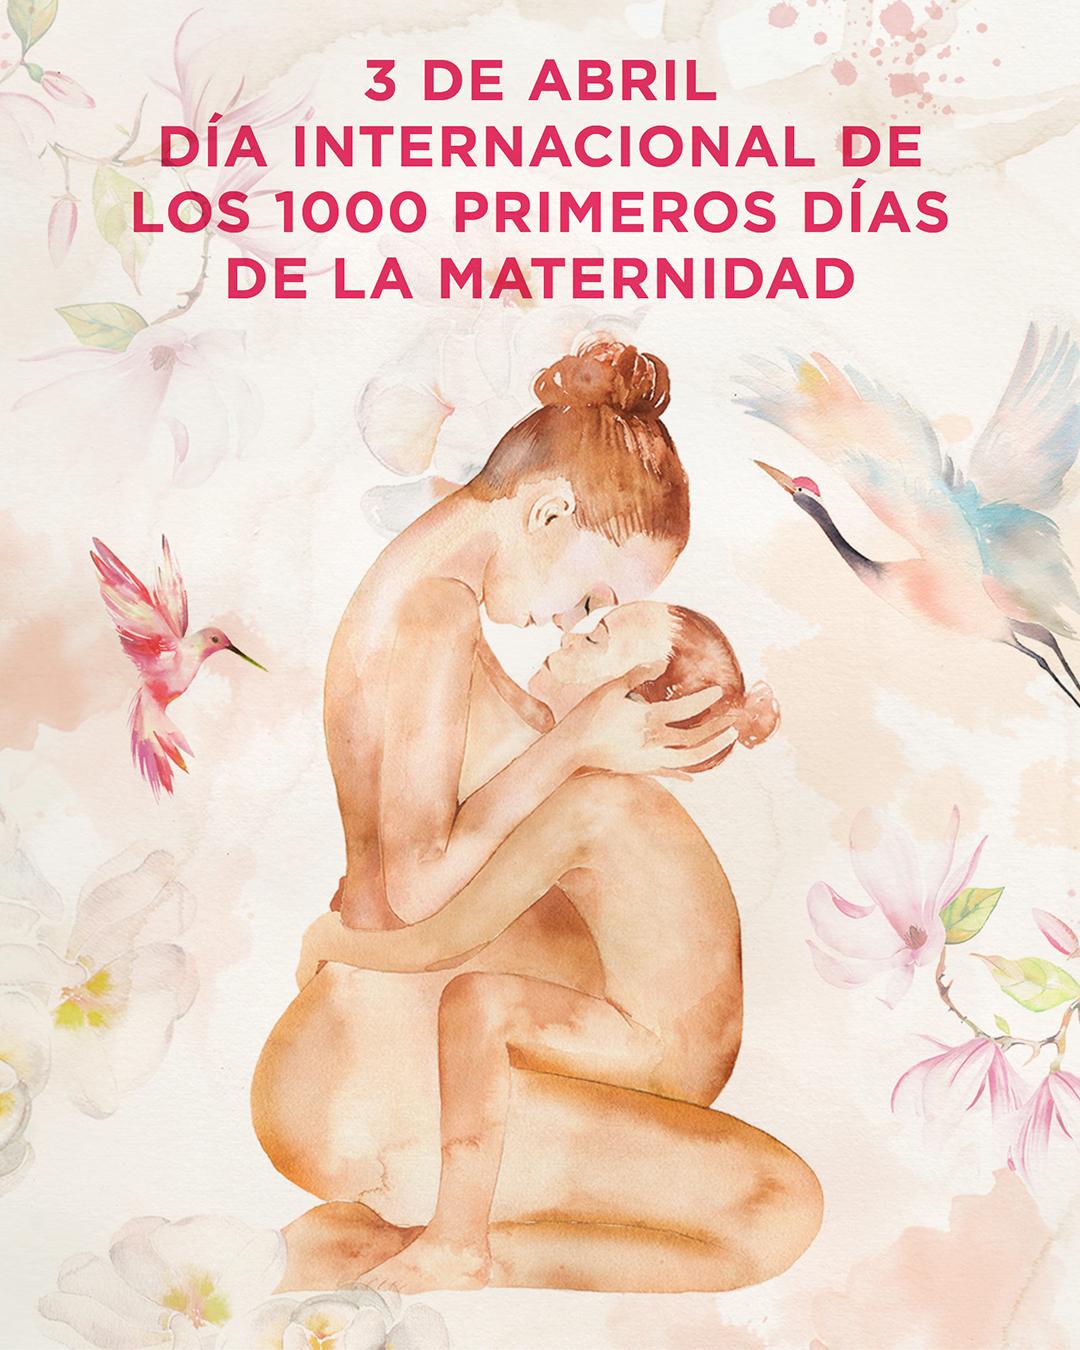 Primeros mil días de maternidad